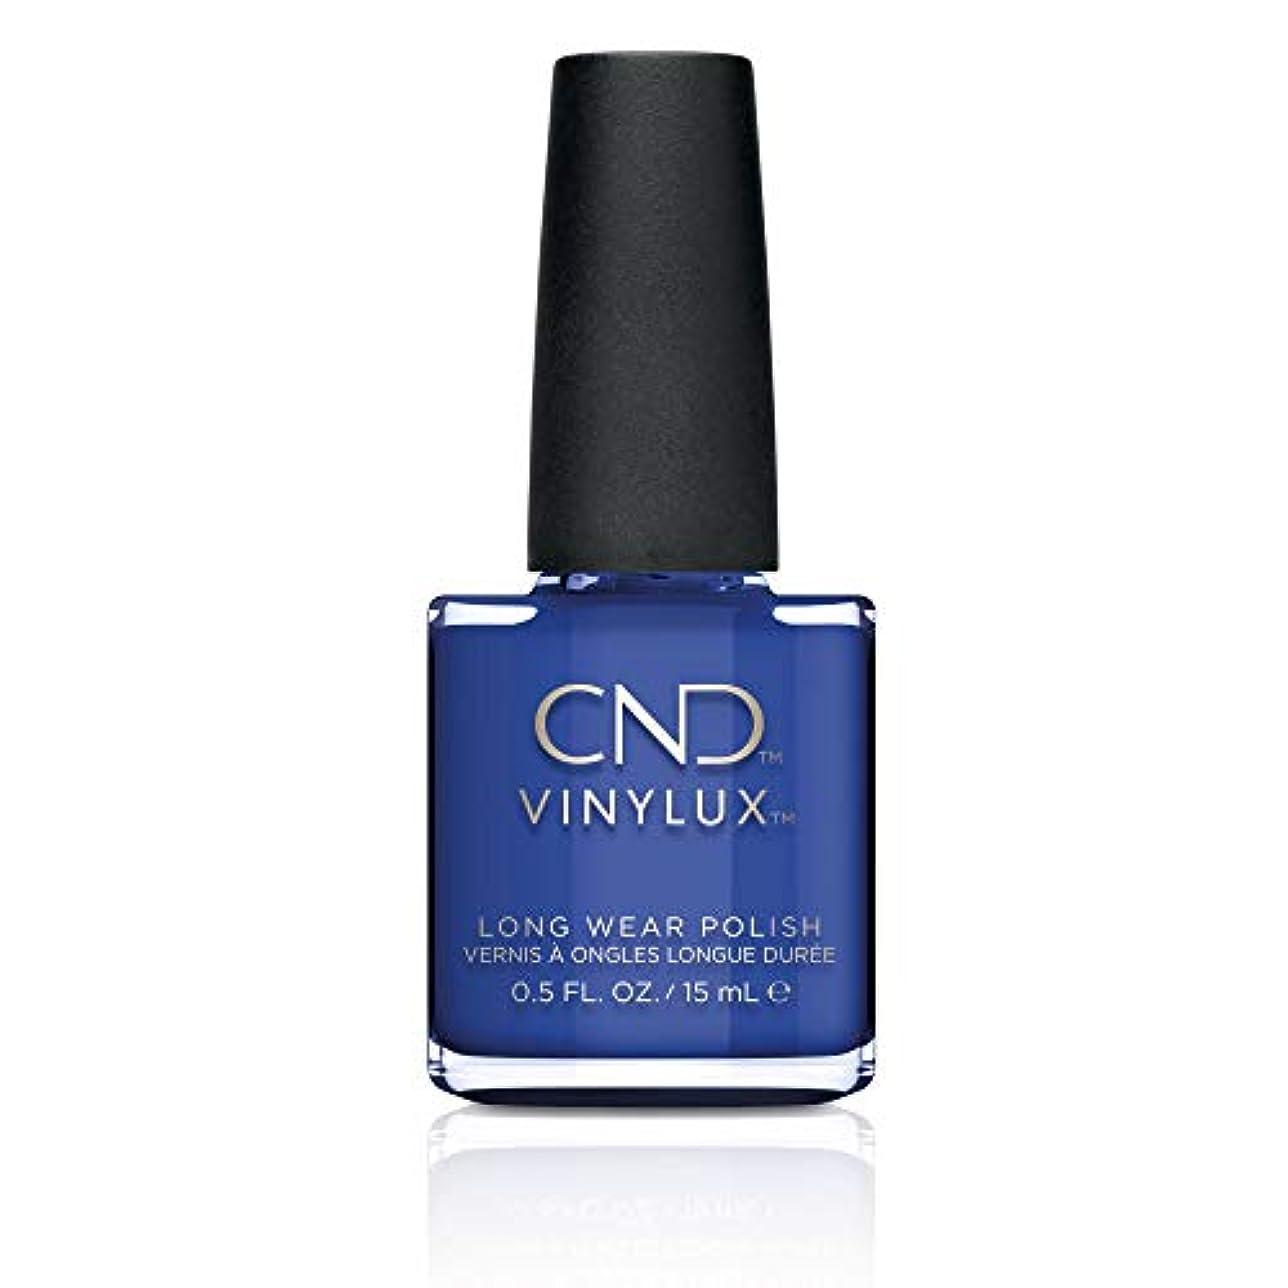 カロリーオープニング統合CND(シーエヌディー) バイナラクス ウィークリーポリッシュ 238 ブルーアイシャドウ 15ml